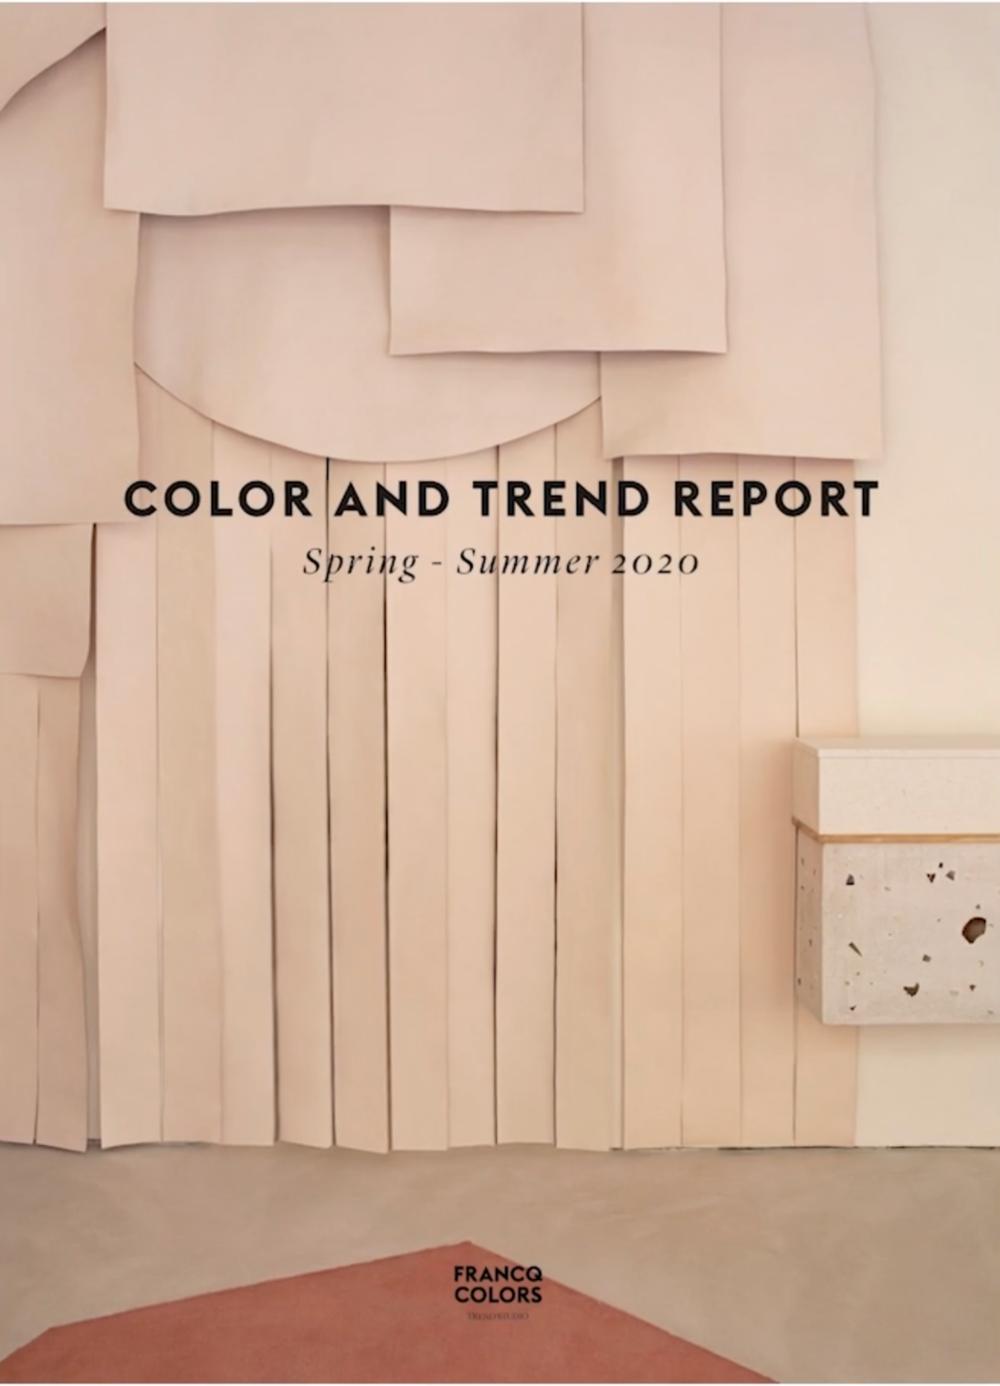 Shop — Francq Colors